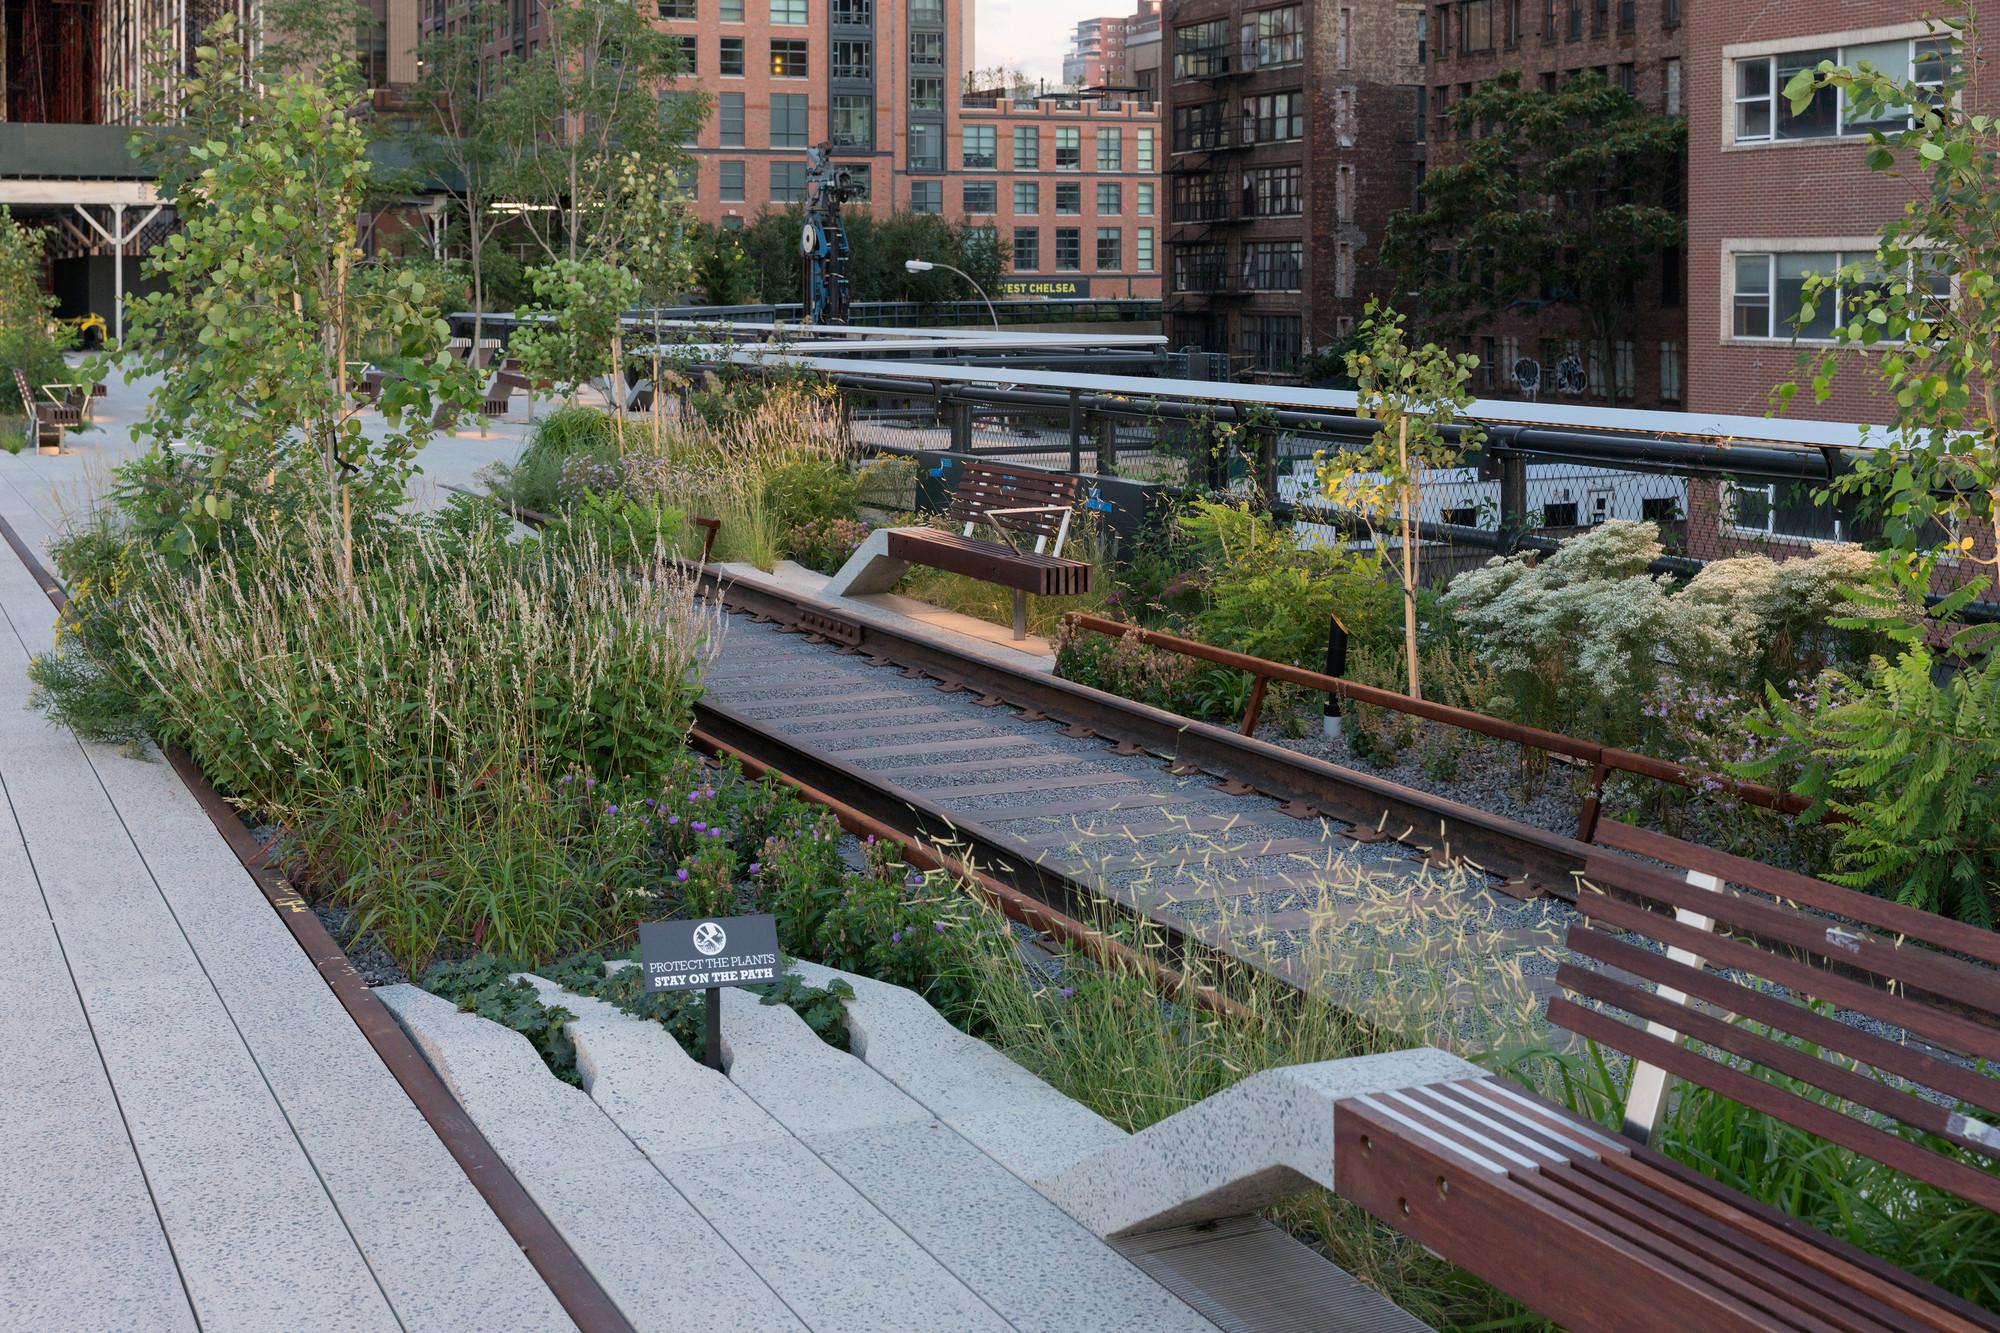 """Tercera etapa: Detalle de uno de los tres paseos en las vías férreas en el """"High Line at the Rail Yards"""".. Image © Iwan Baan, 2014"""